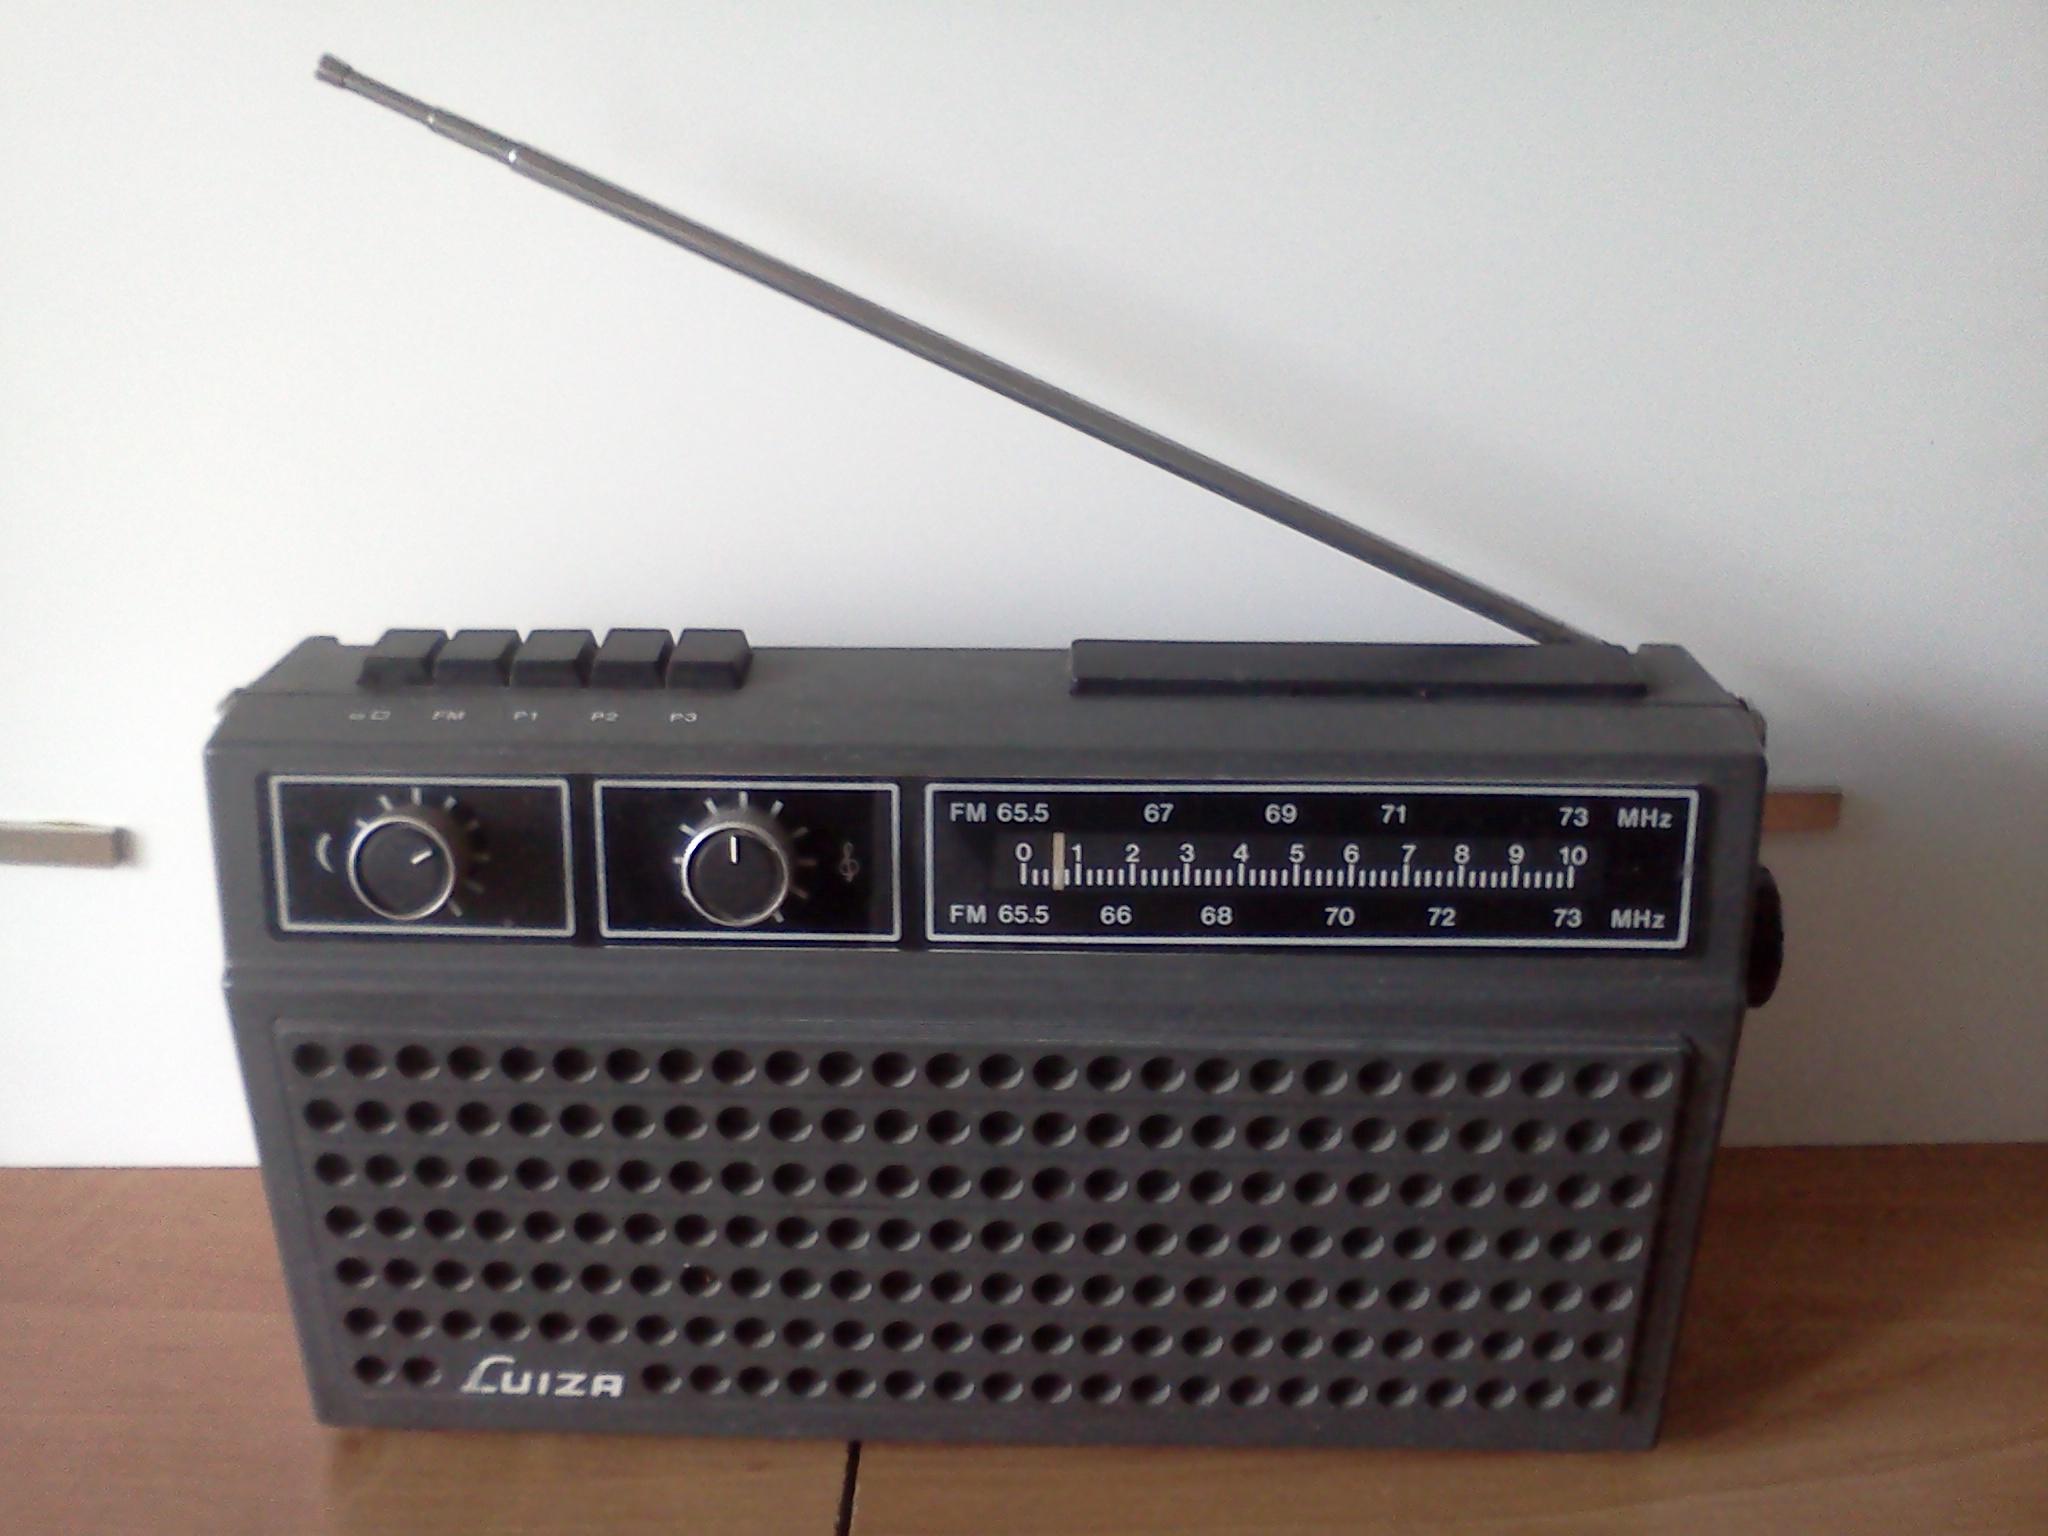 [Sprzedam] [Sprzedam stare radioodbiornik]